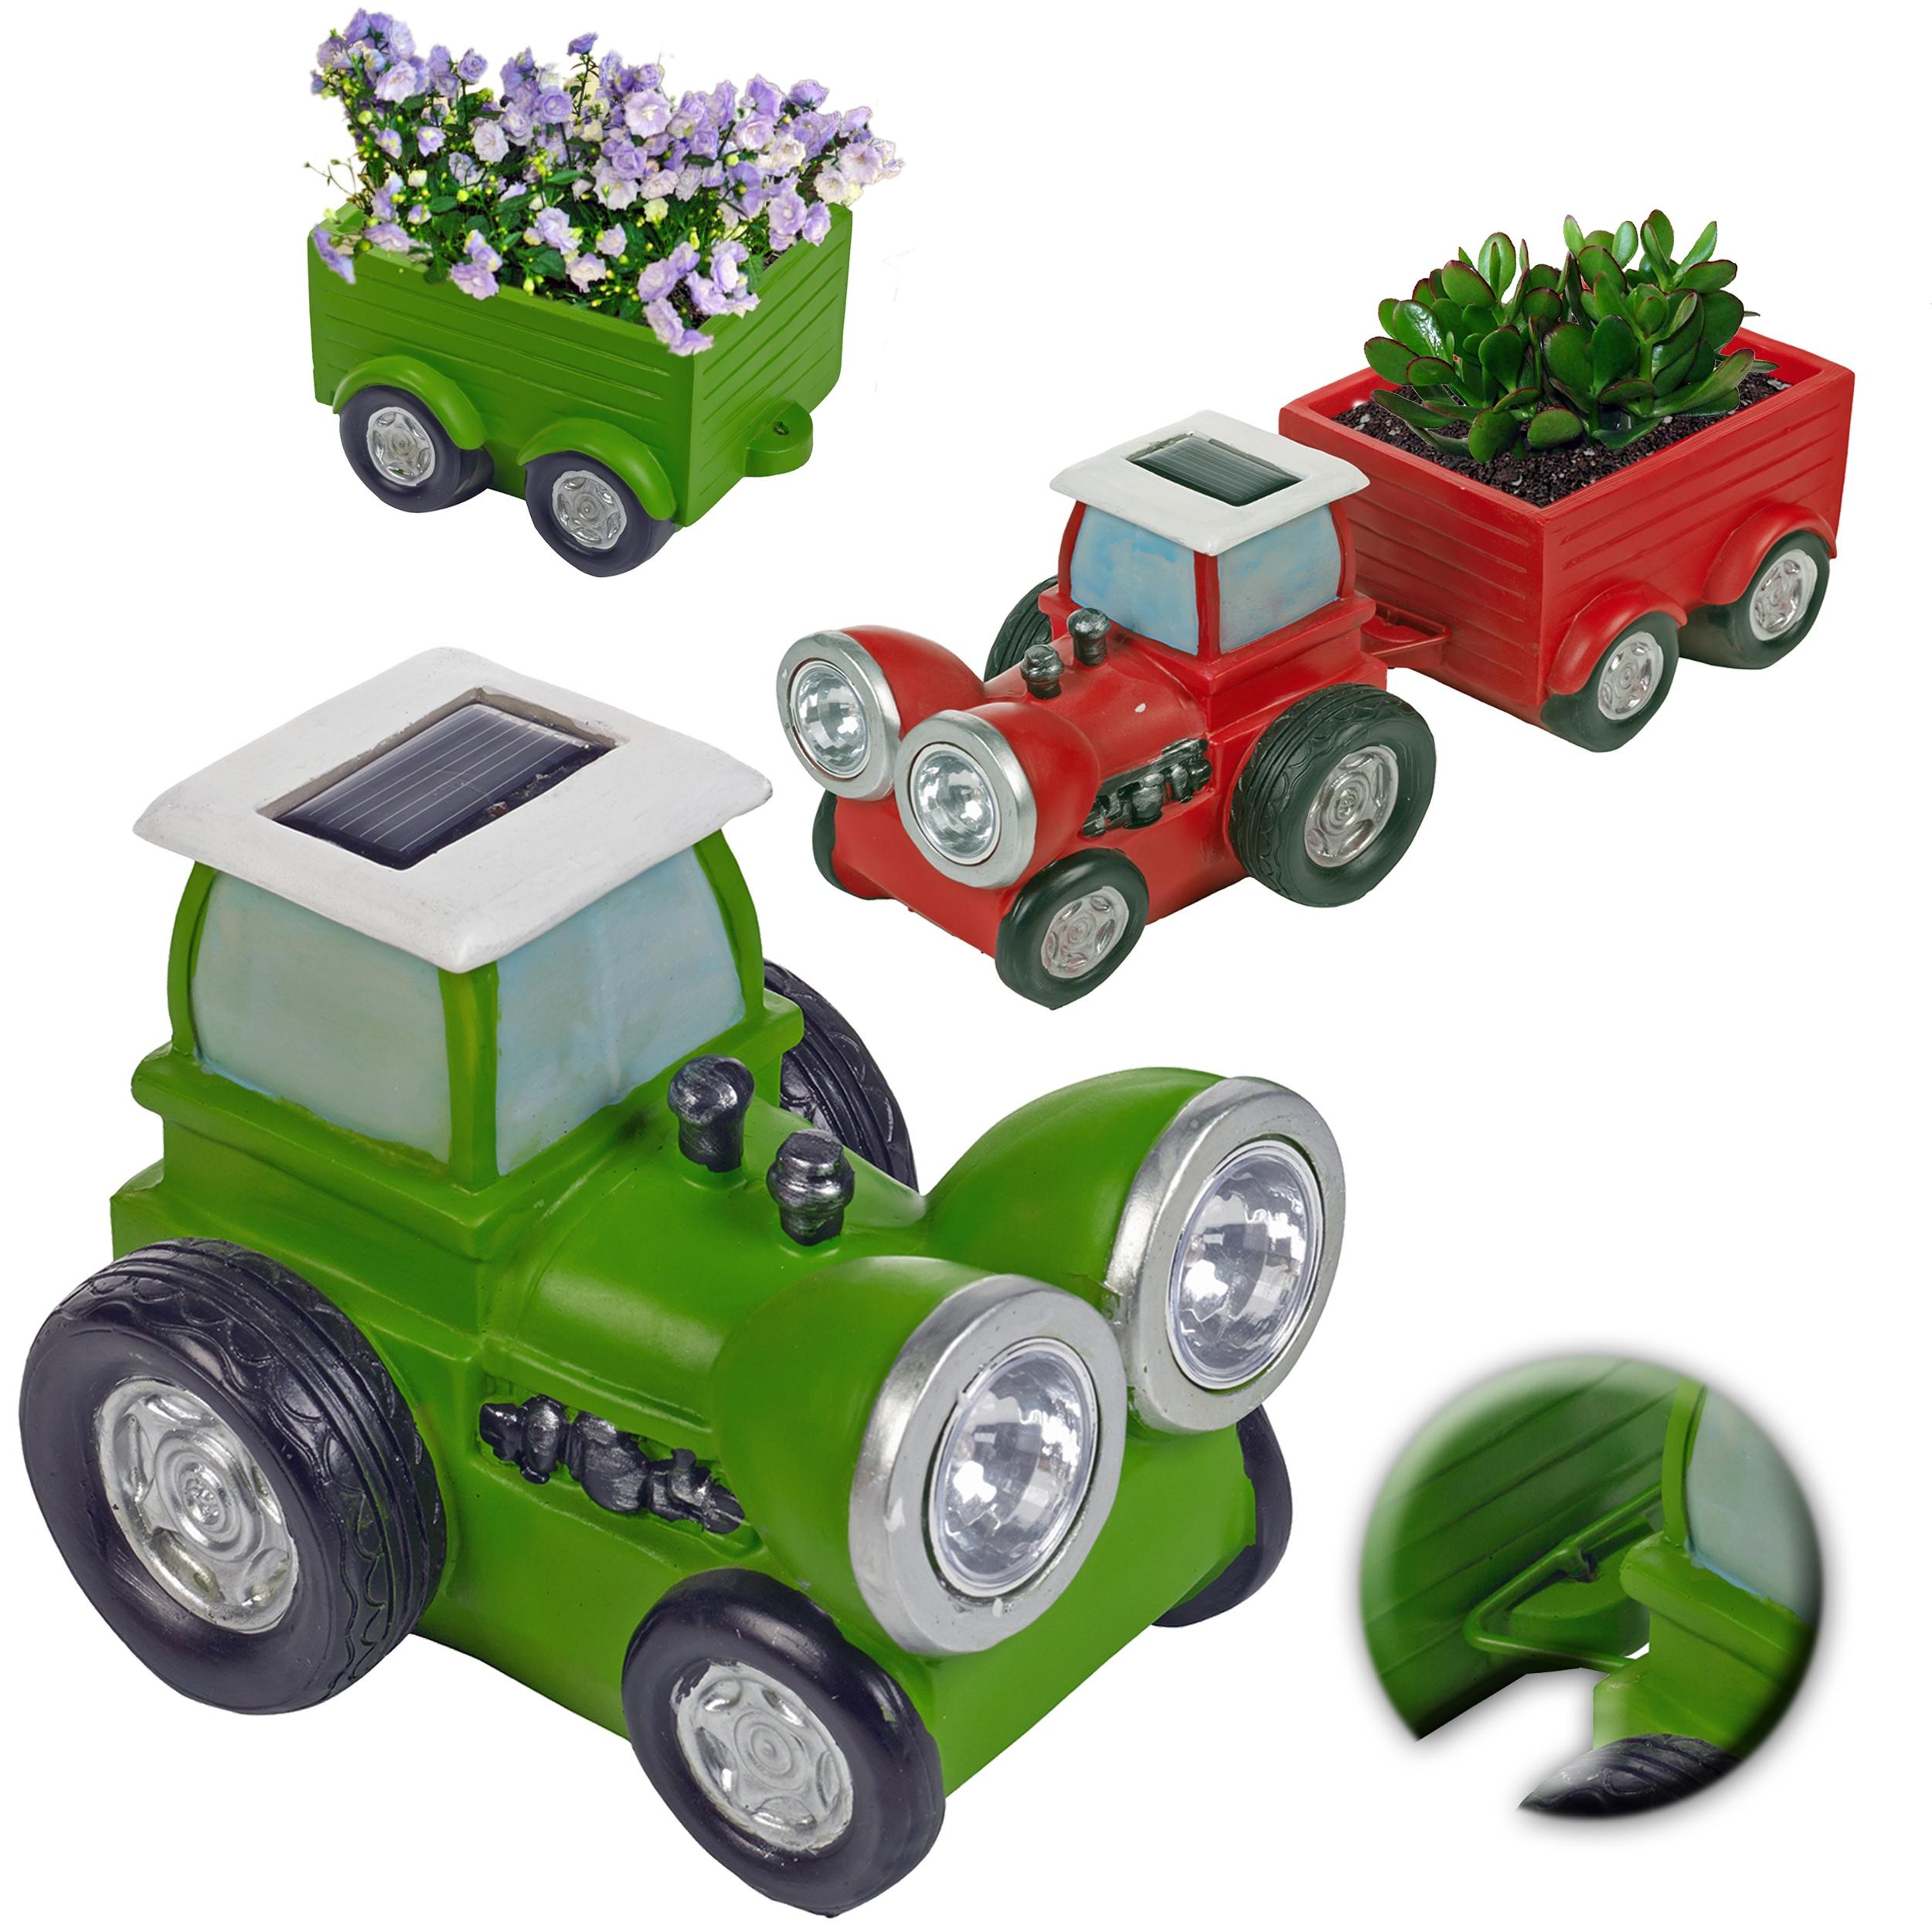 Led Lights For Lawn Tractor : Solar powered garden tractor led headlight light lamp trailer planter flower bed ebay